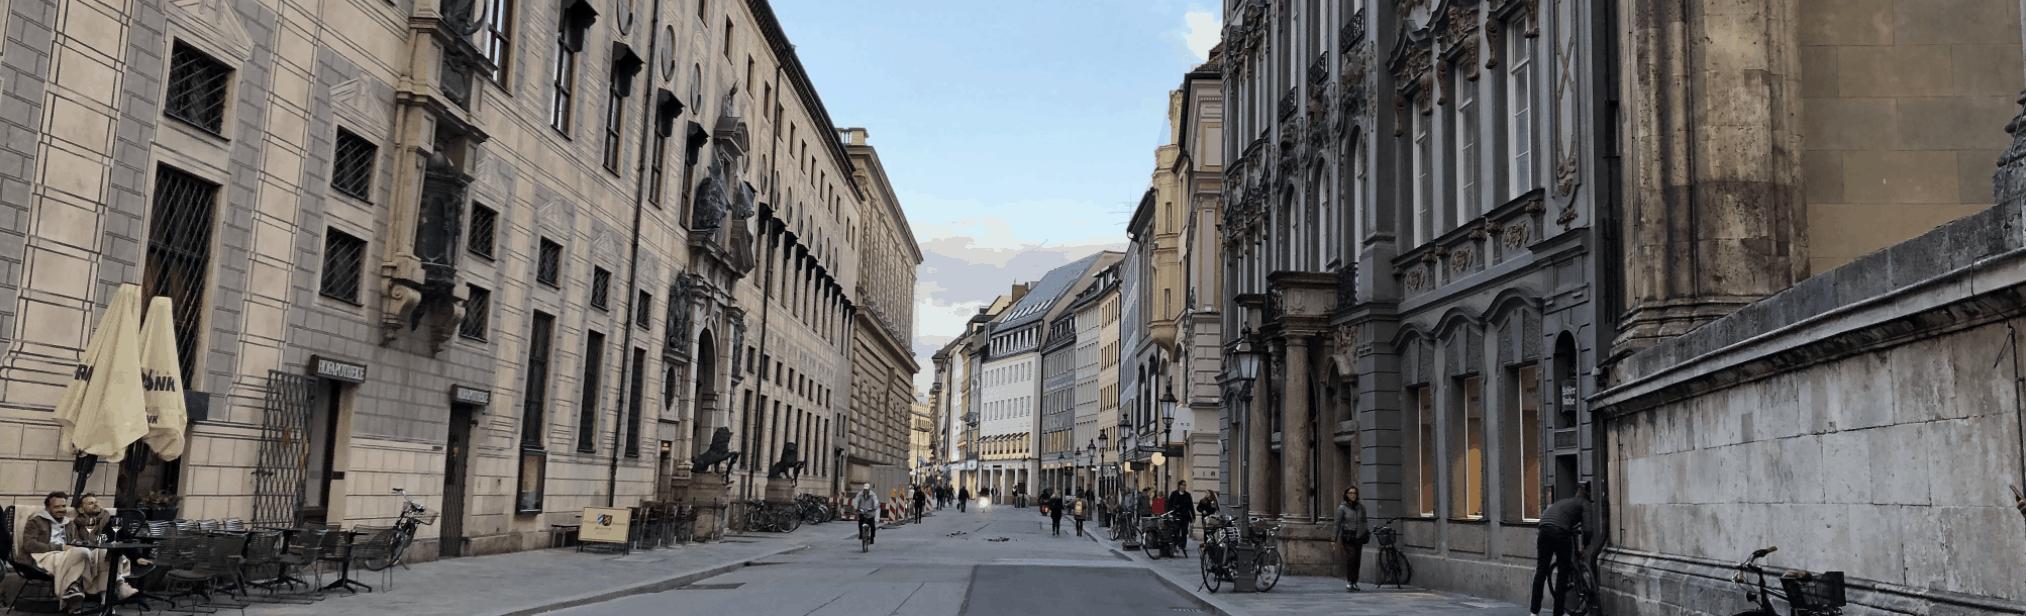 Umsatzstärkste Unternehmen München